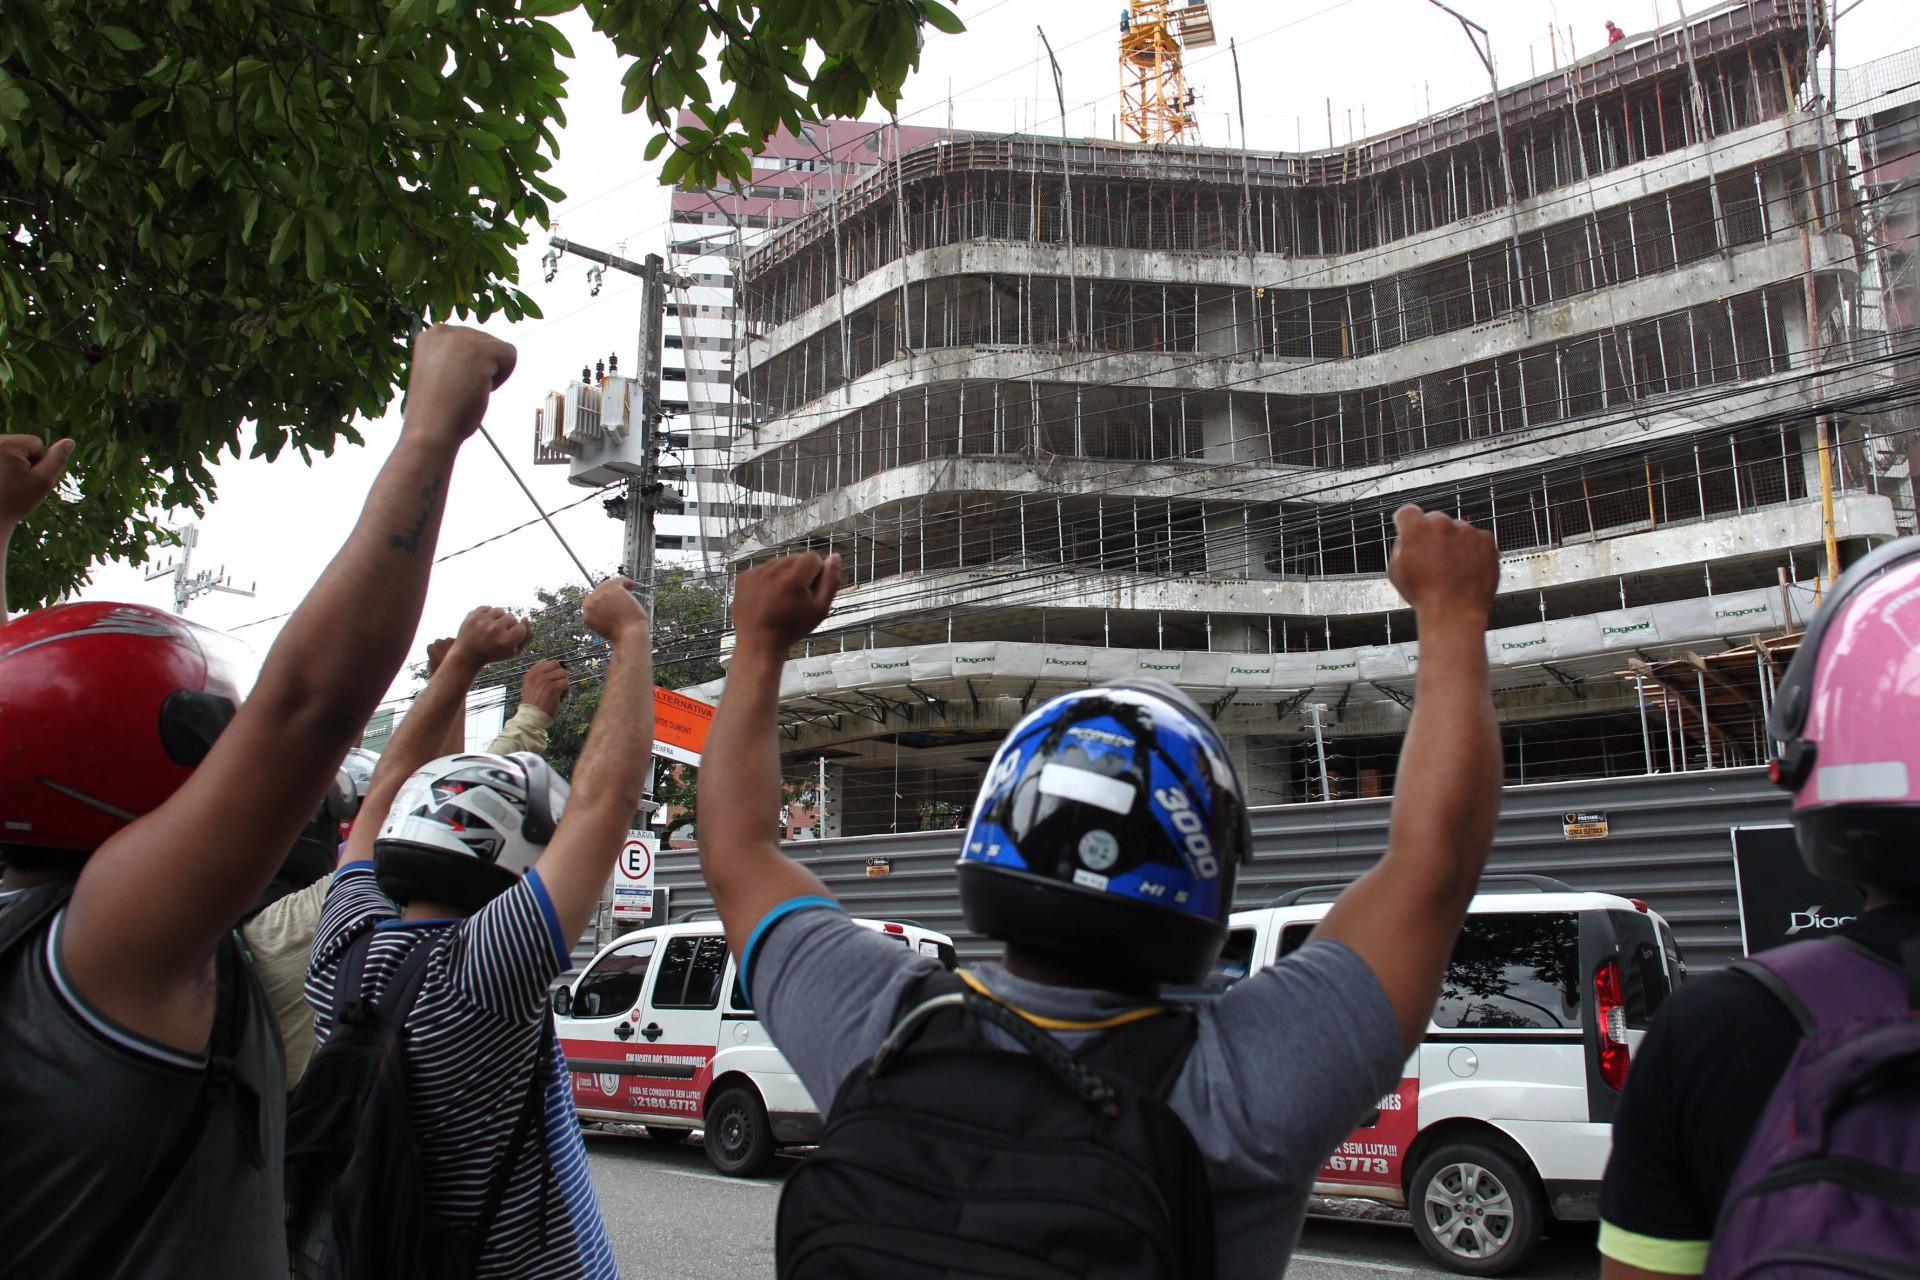 FORTALEZA,CE, BRASIL, 05.03.2021: Trabalhadores da construção civil fazem protesto em obra da Av. Oswaldo Cruz na Aldeota.. (Fotos: Fabio Lima/O POVO)